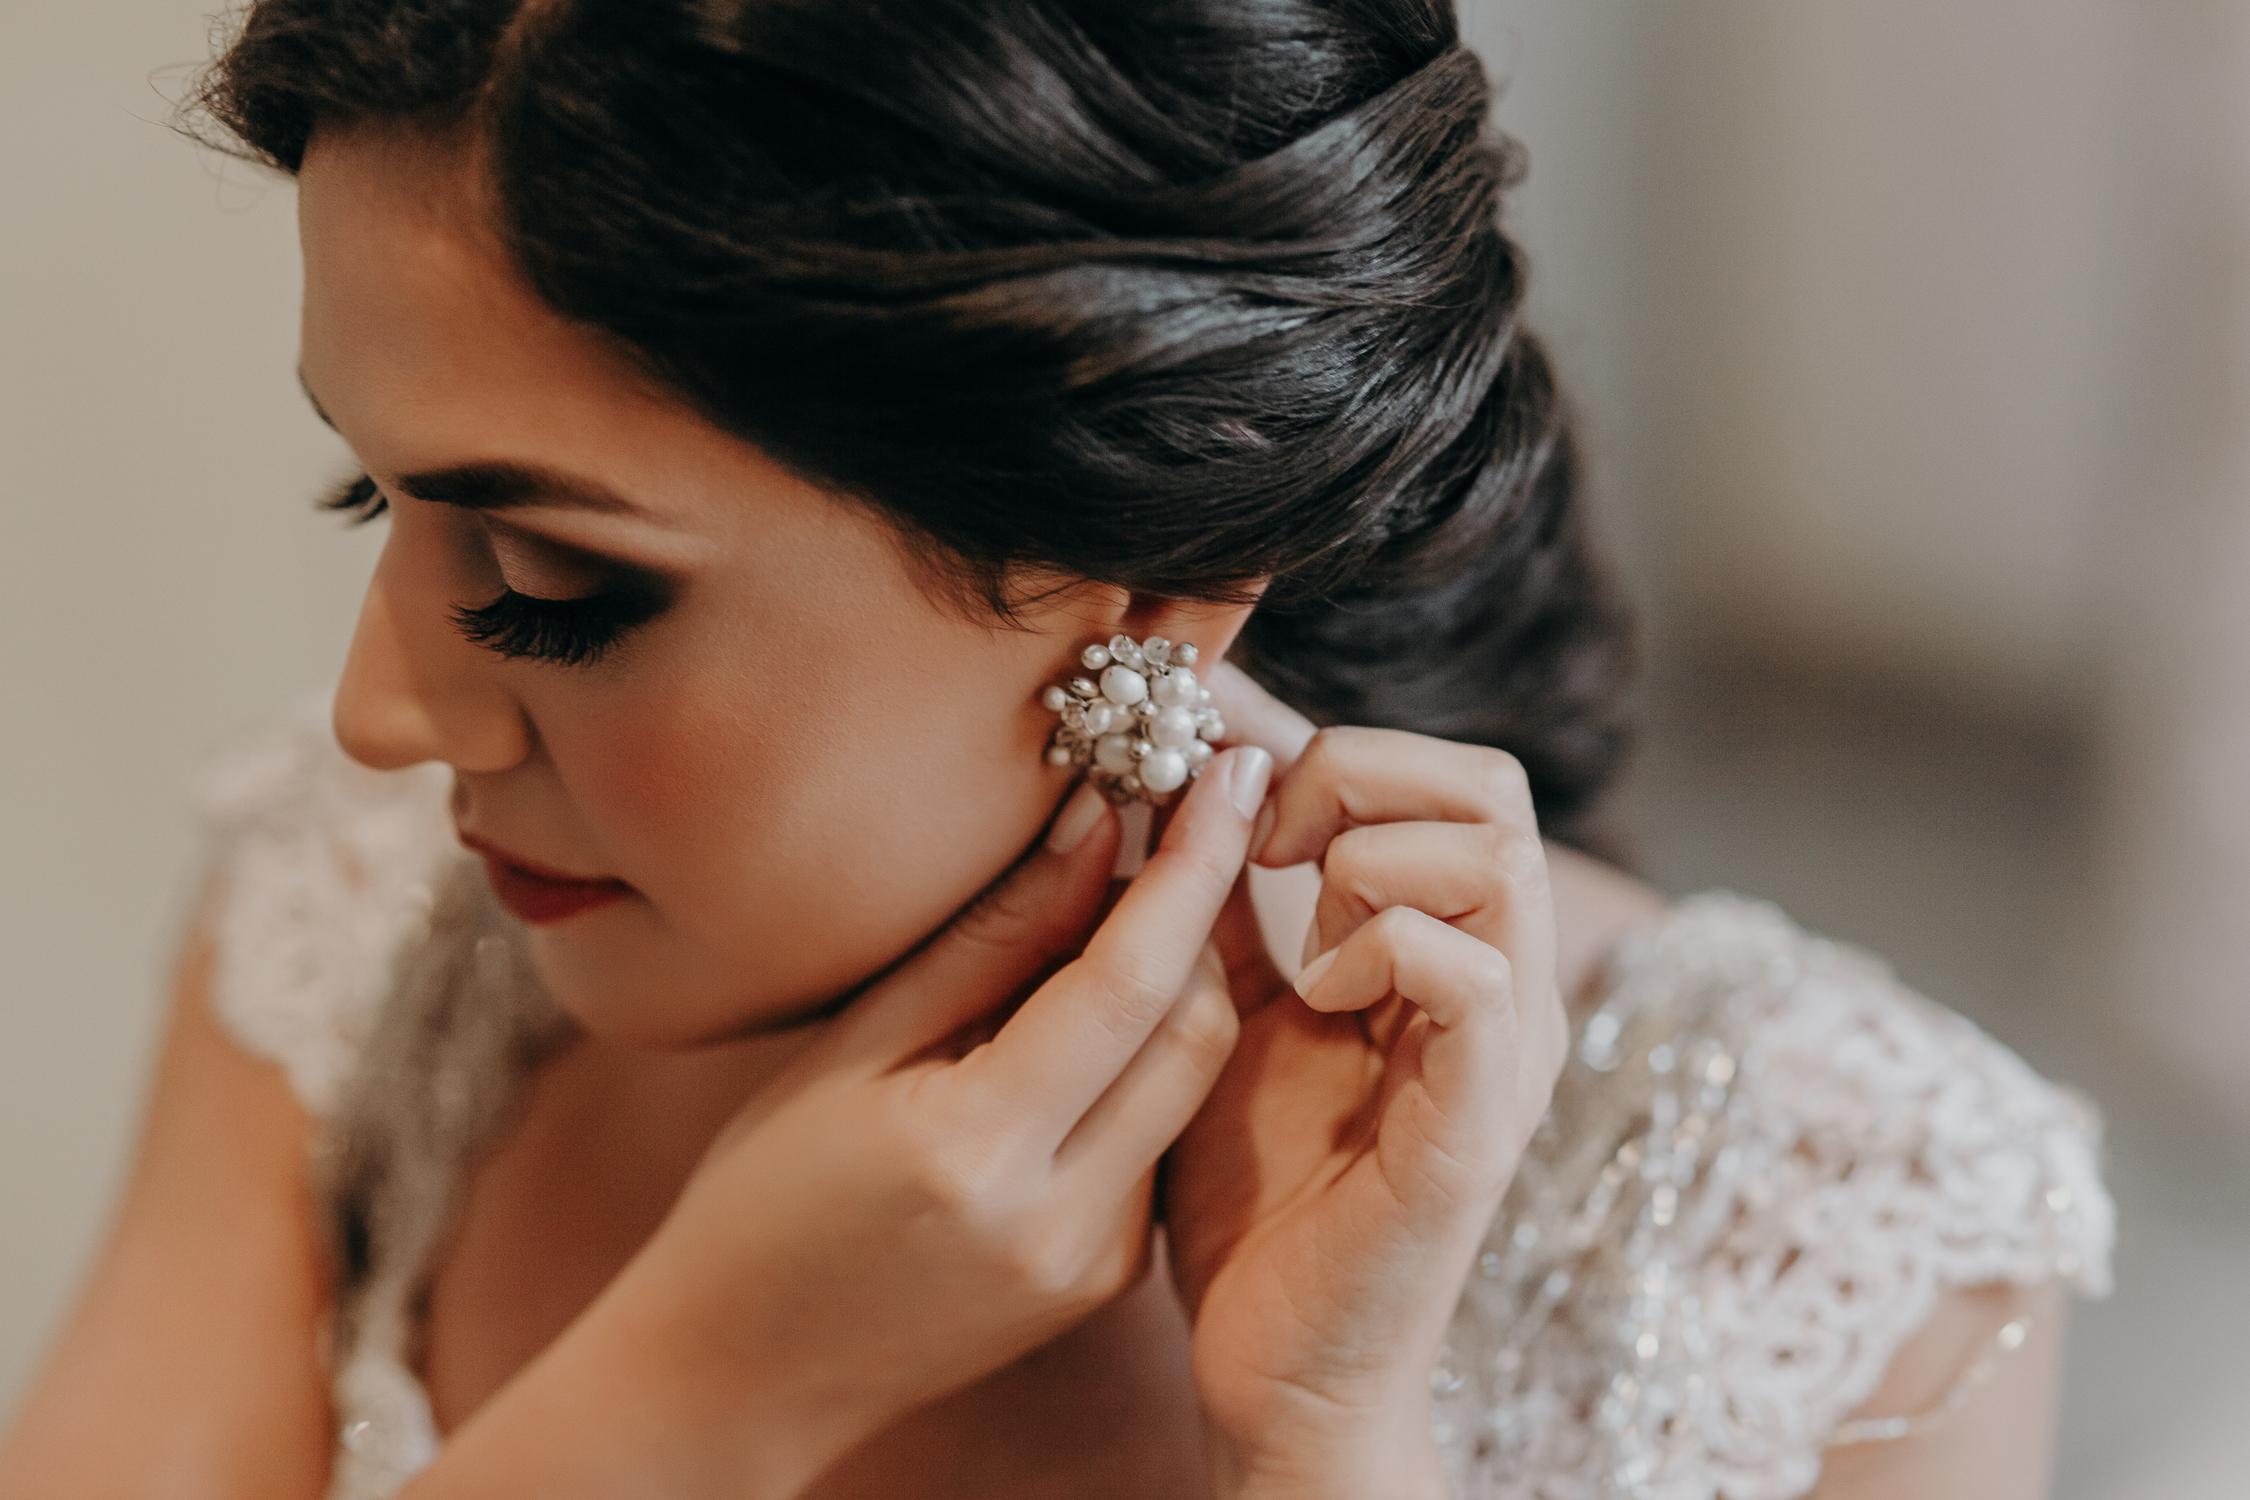 Michelle-Agurto-Fotografia-Bodas-Ecuador-Destination-Wedding-Photographer-Cristi-Luis-16.JPG